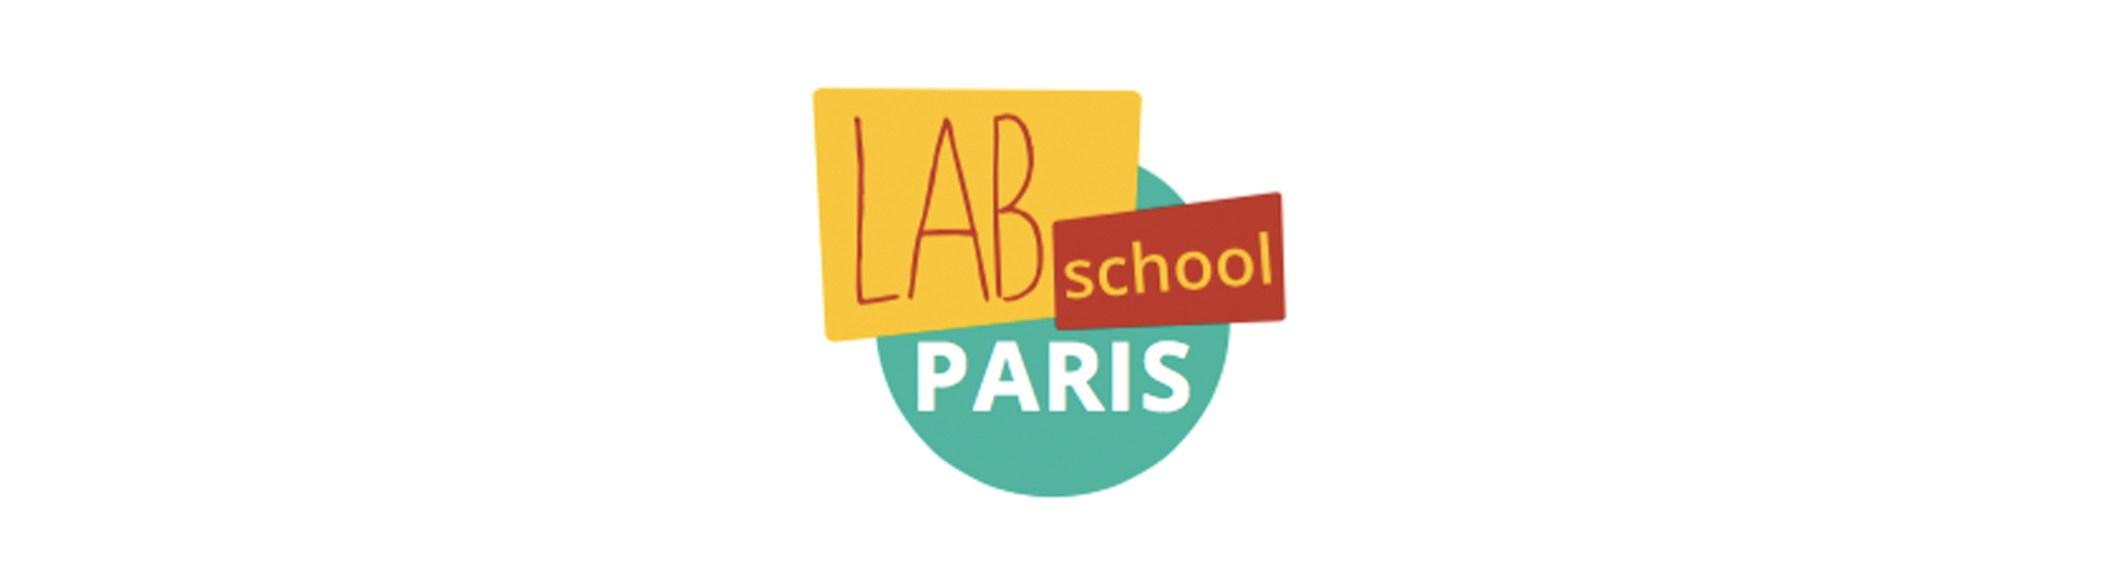 LABSCHOOL PARIS